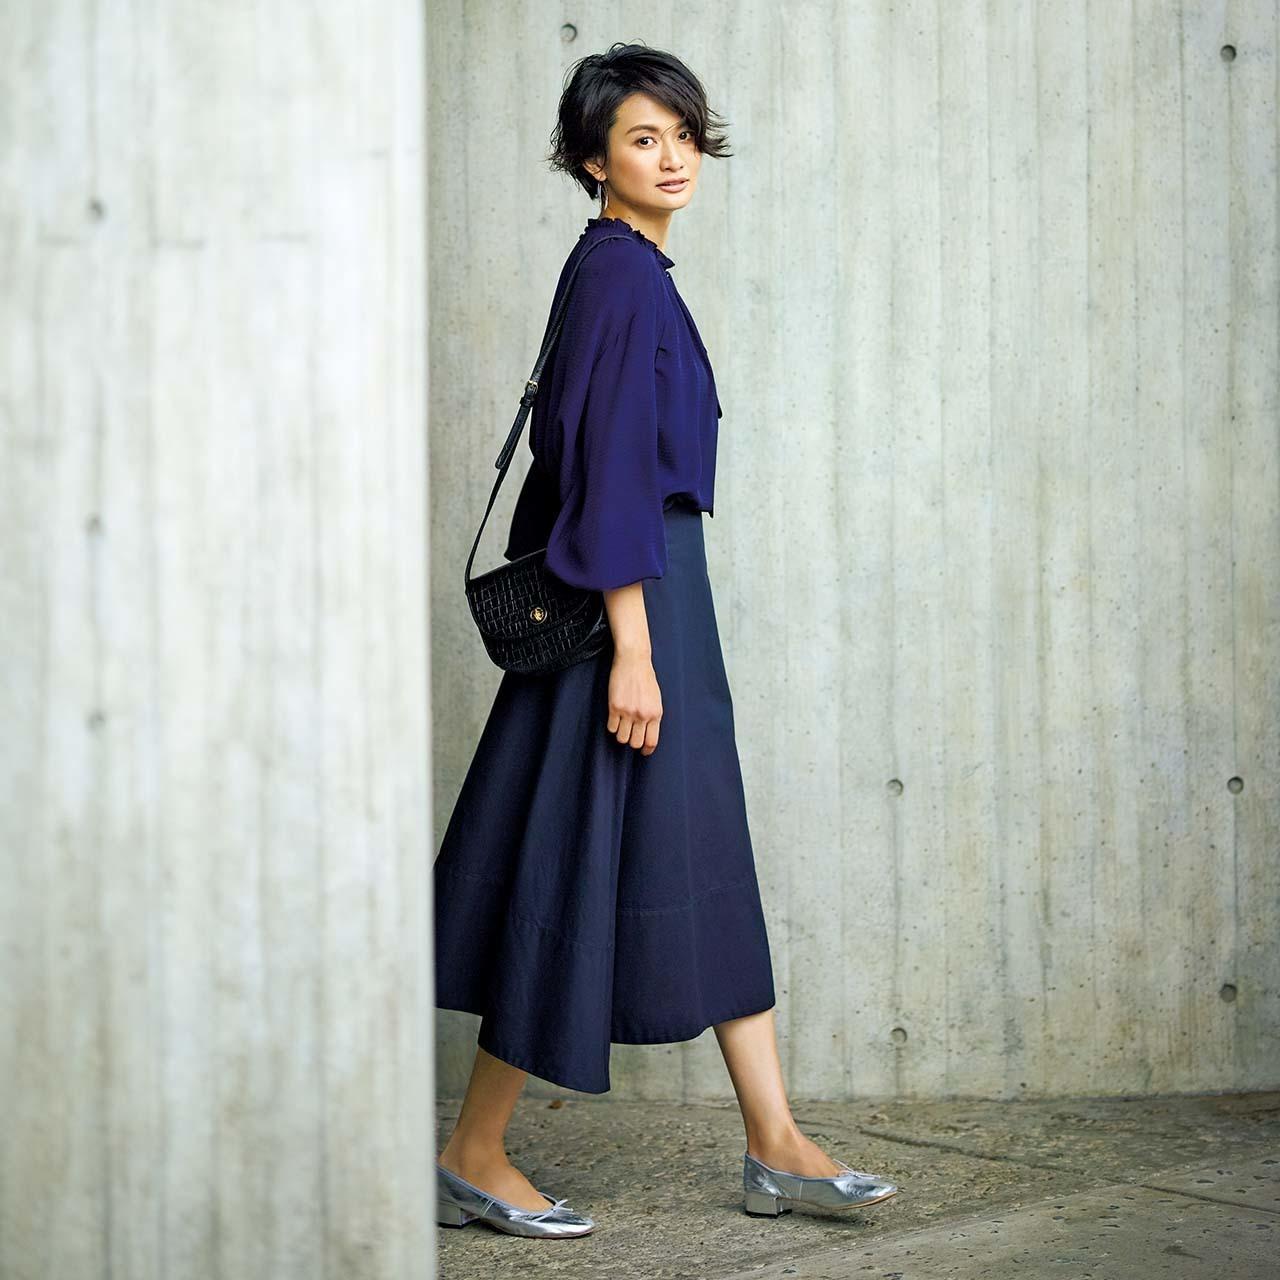 ネイビーの艶ブラウス×スカートのファッションコーデ